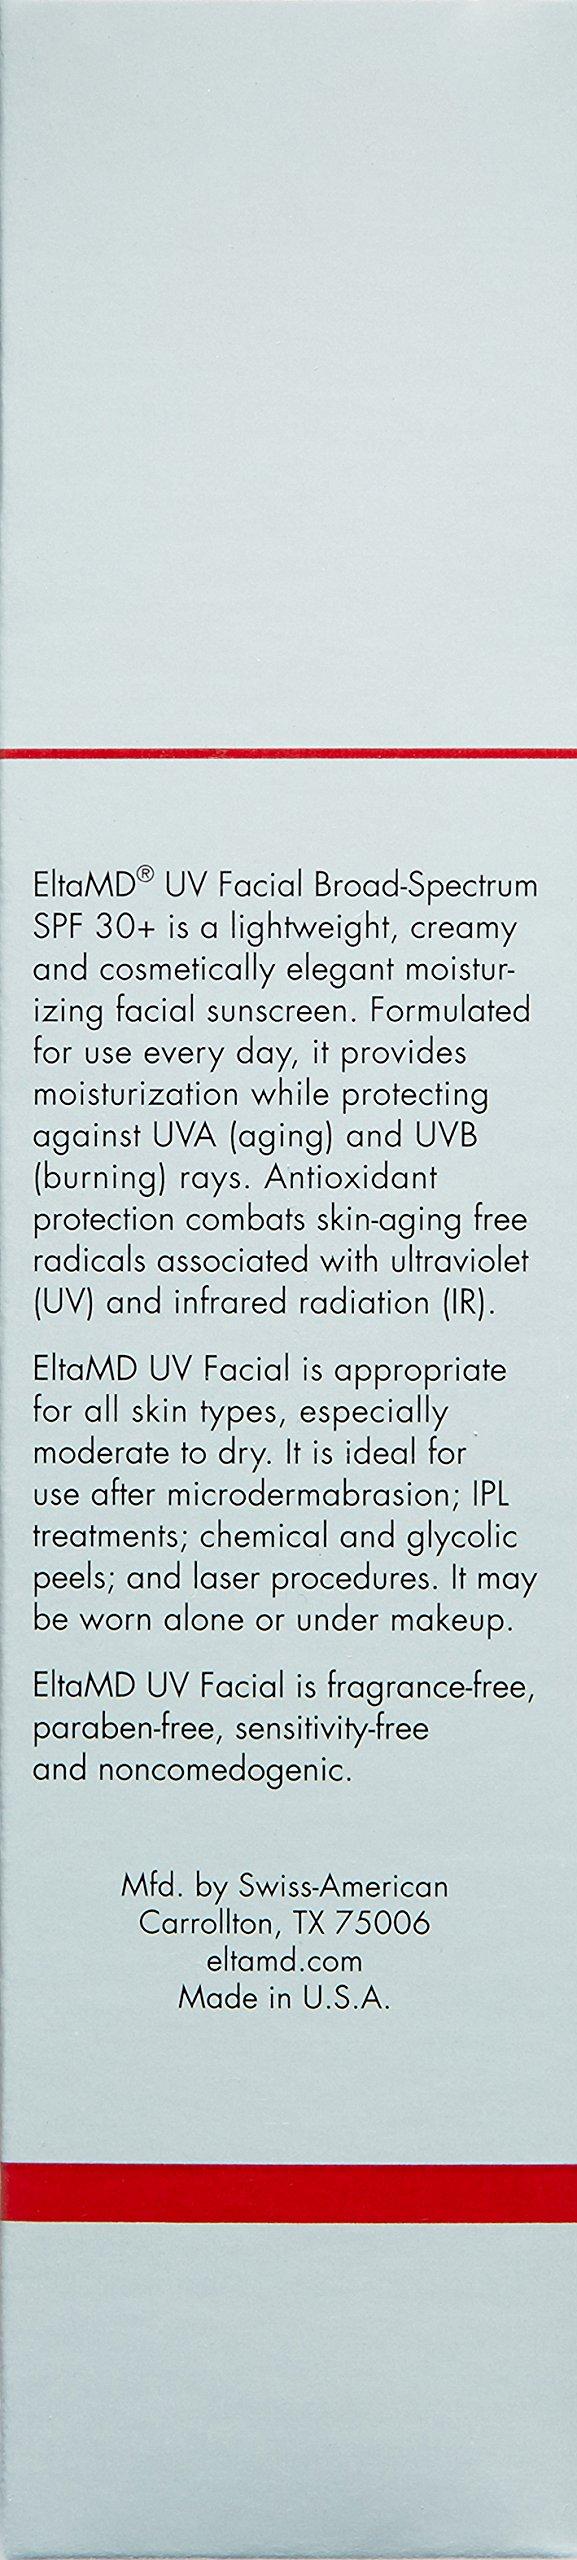 EltaMD UV Facial Sunscreen Broad-Spectrum SPF 30+, 3.0 oz by ELTA MD (Image #6)